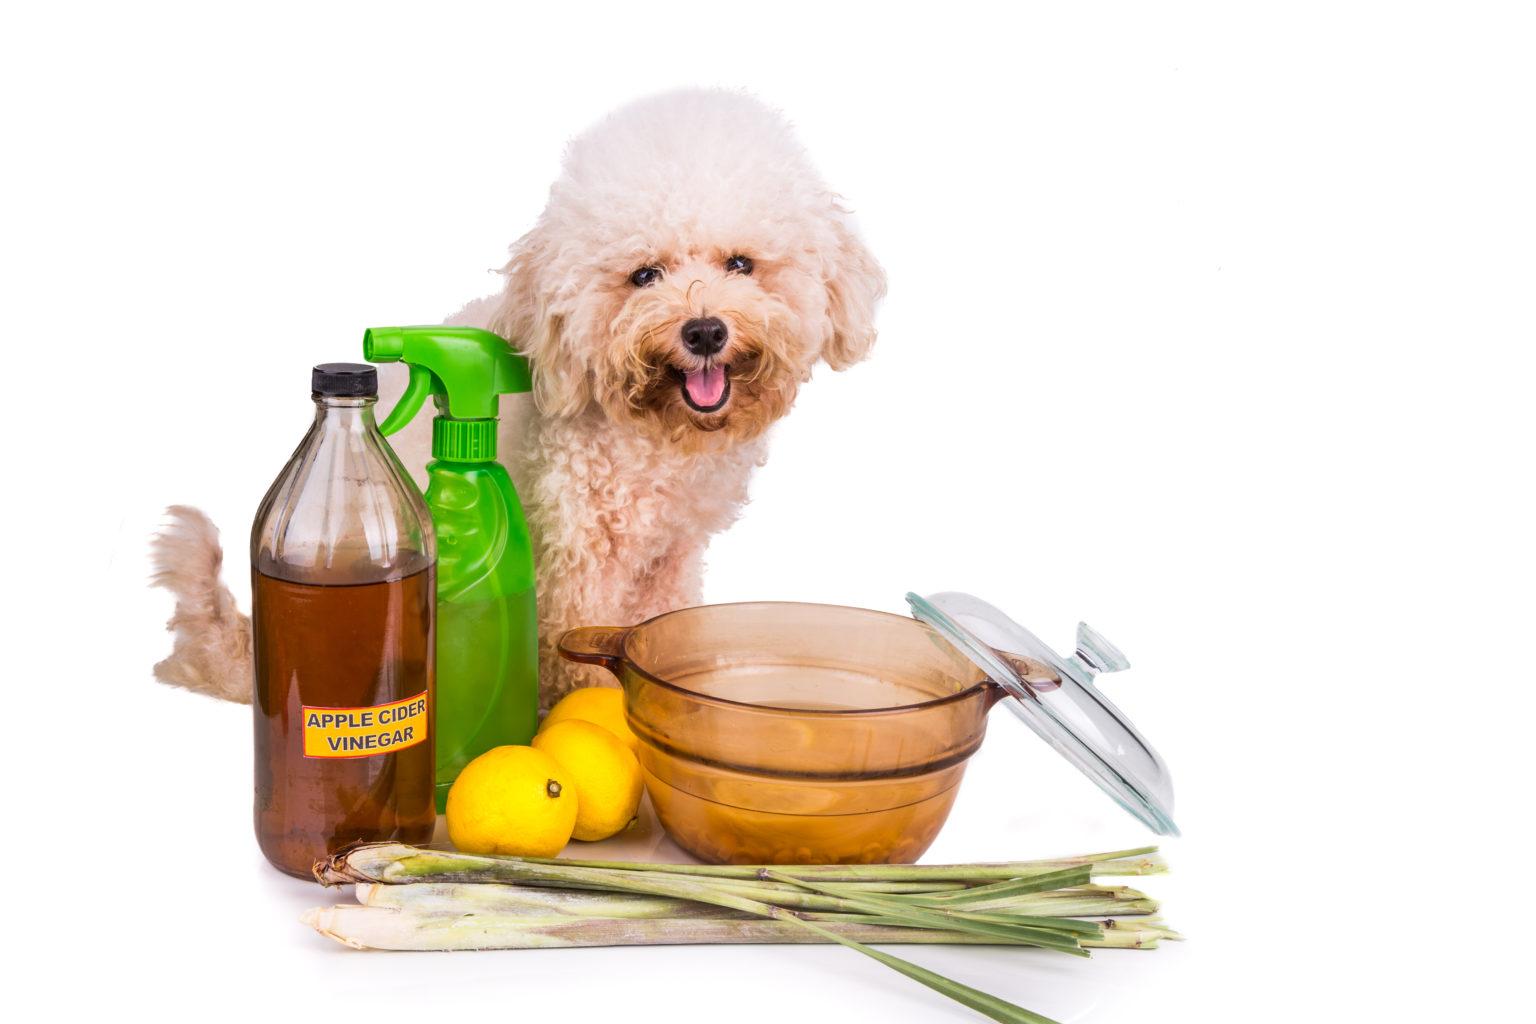 Feed Your Dog Apple Cider Vinegar